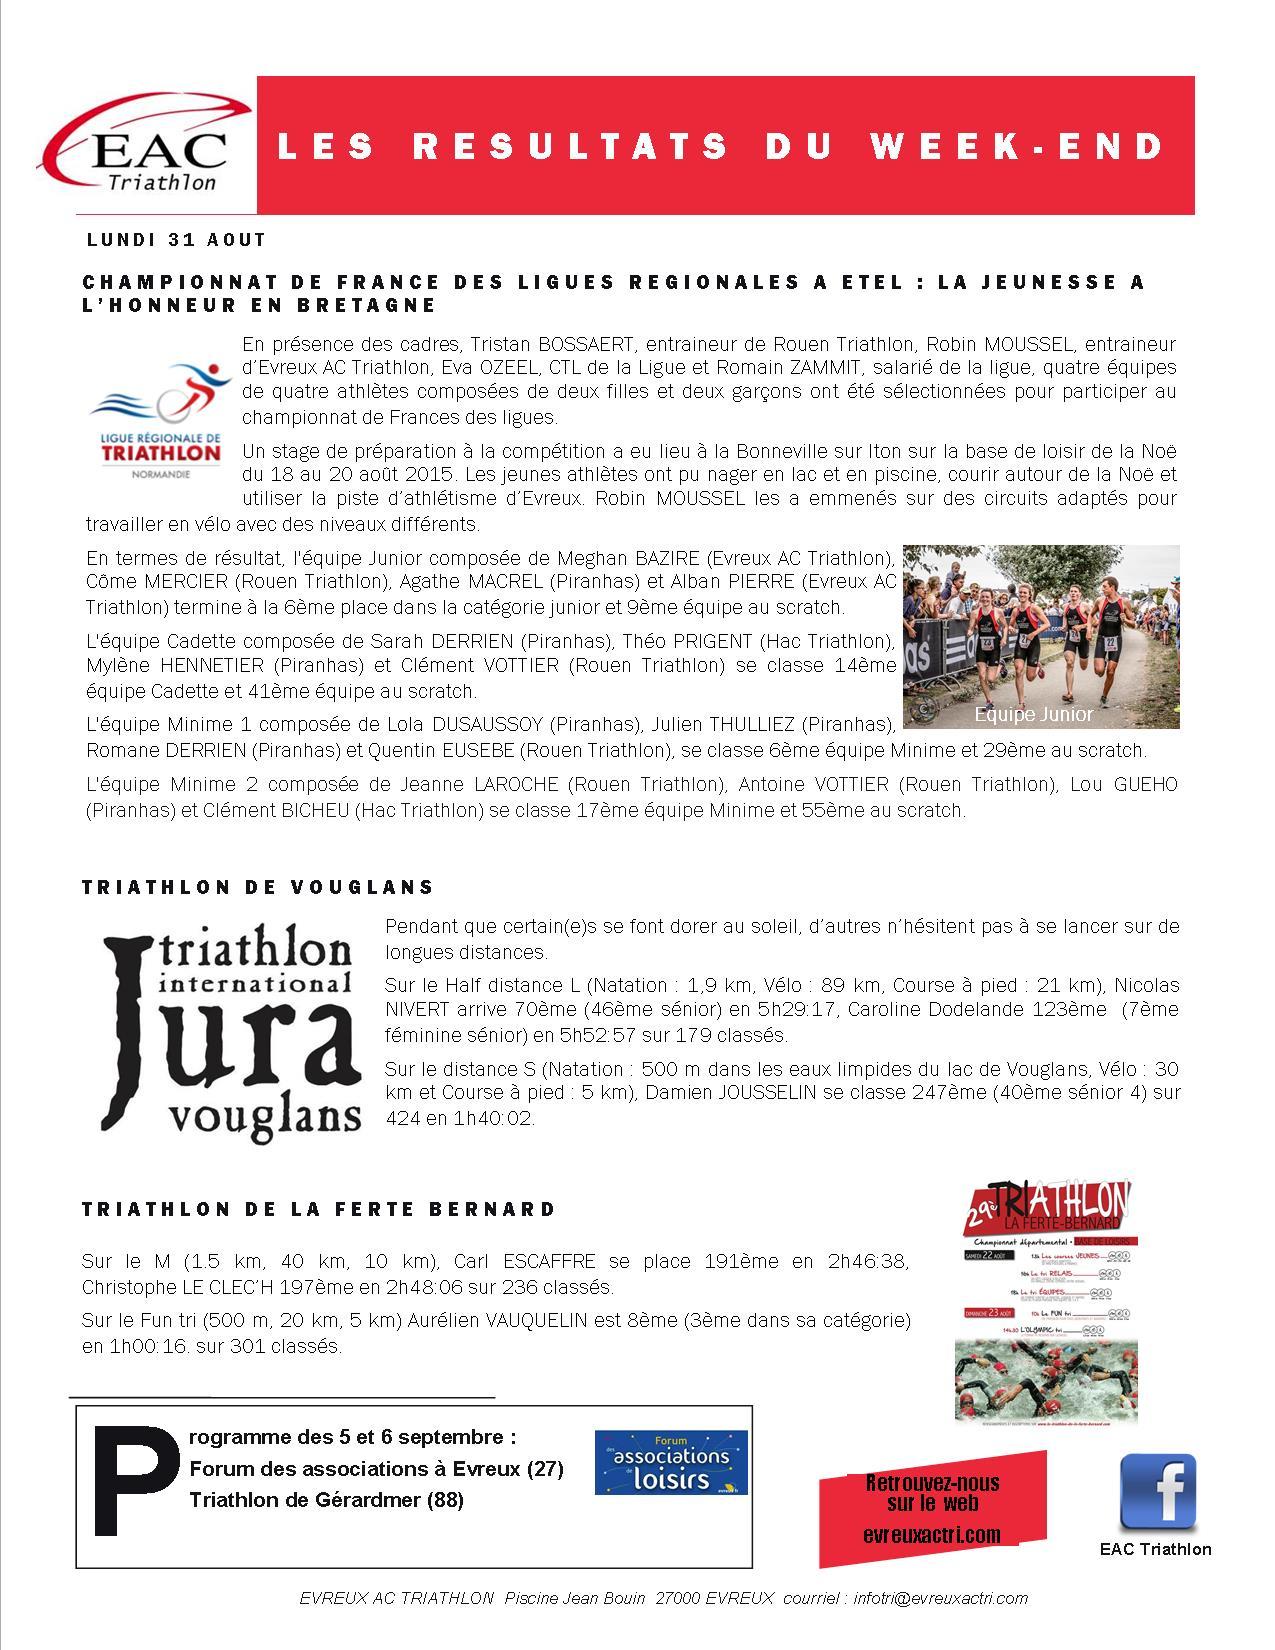 2015 08 31 vouglans etel ferte bernard chantilly vichy p1